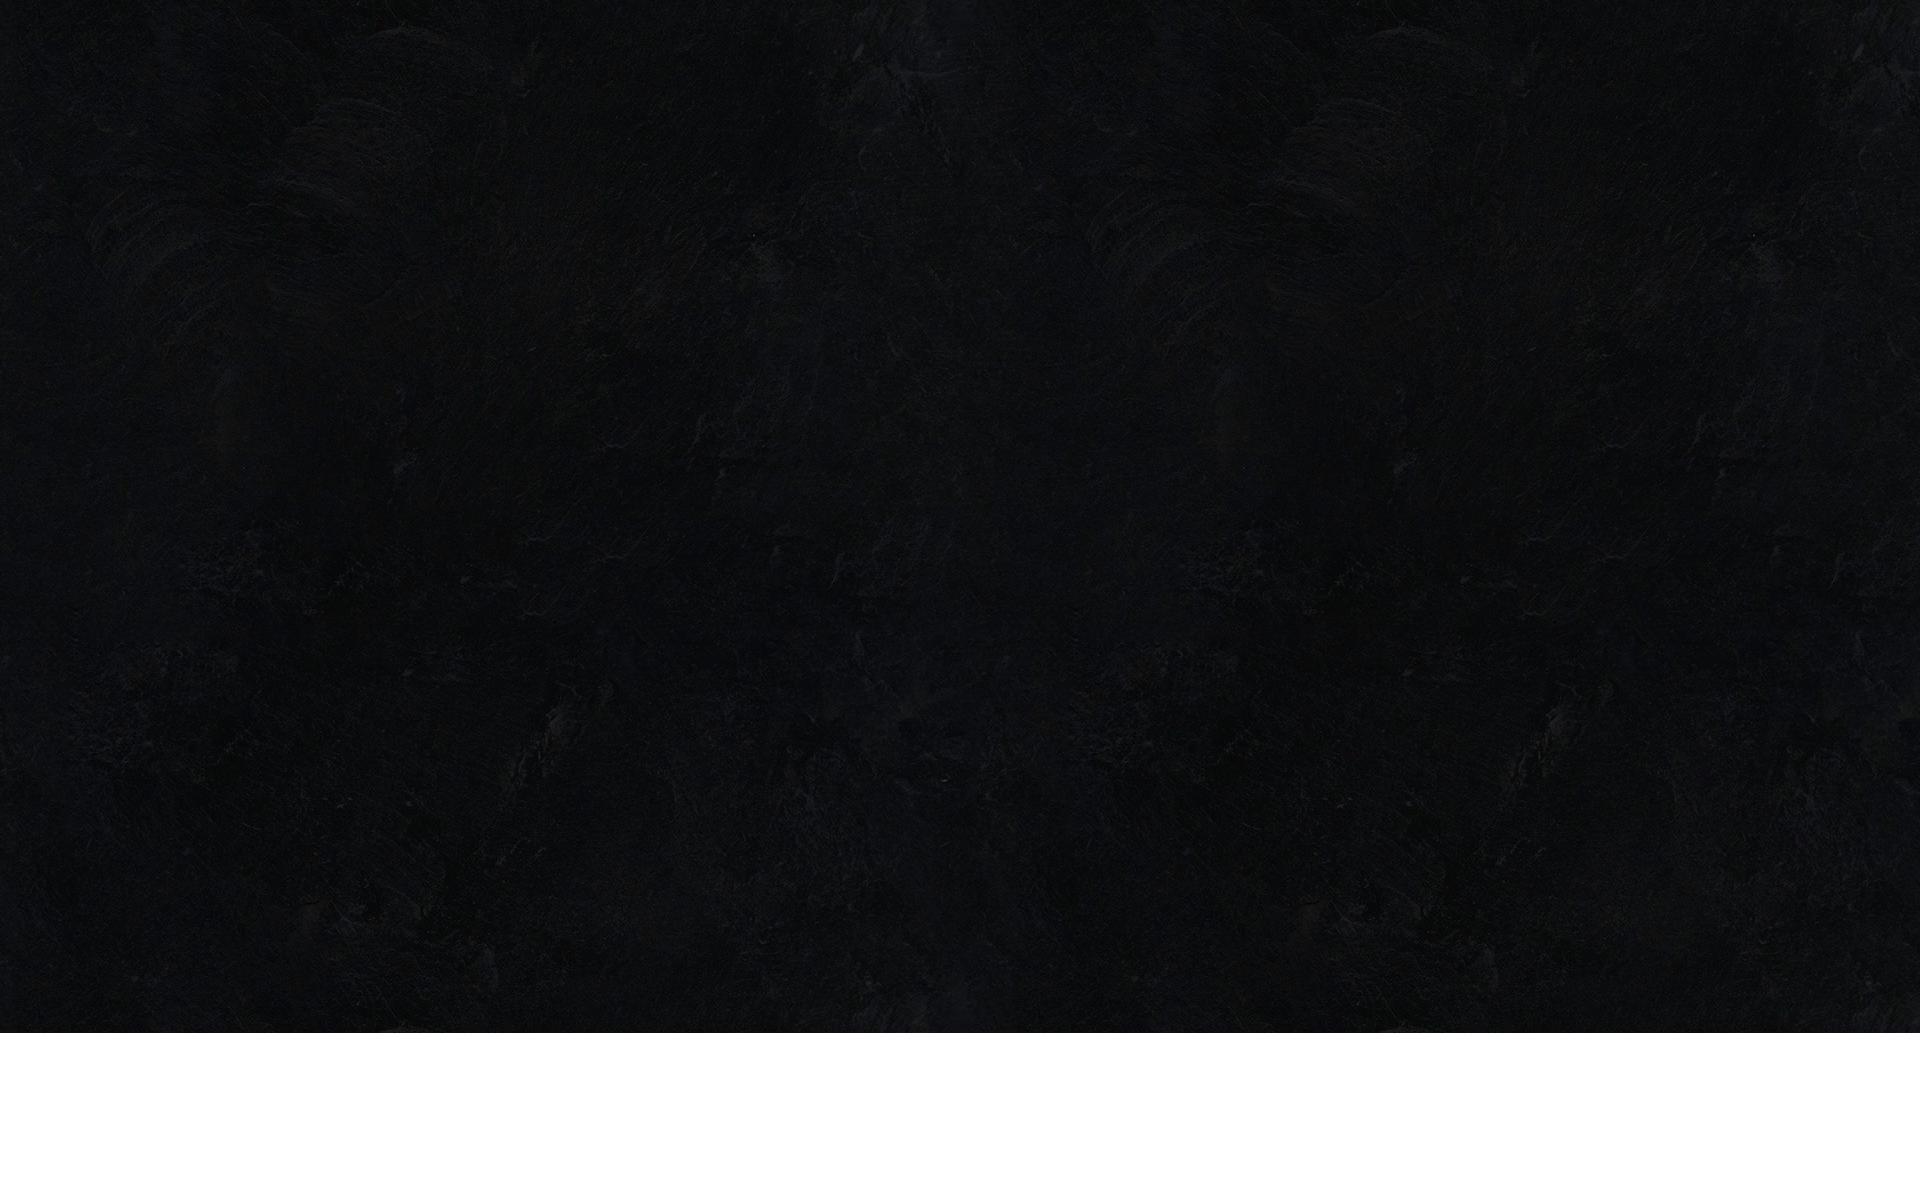 63d5329e-d54b-4a6f-a443-9b00bd8890a6